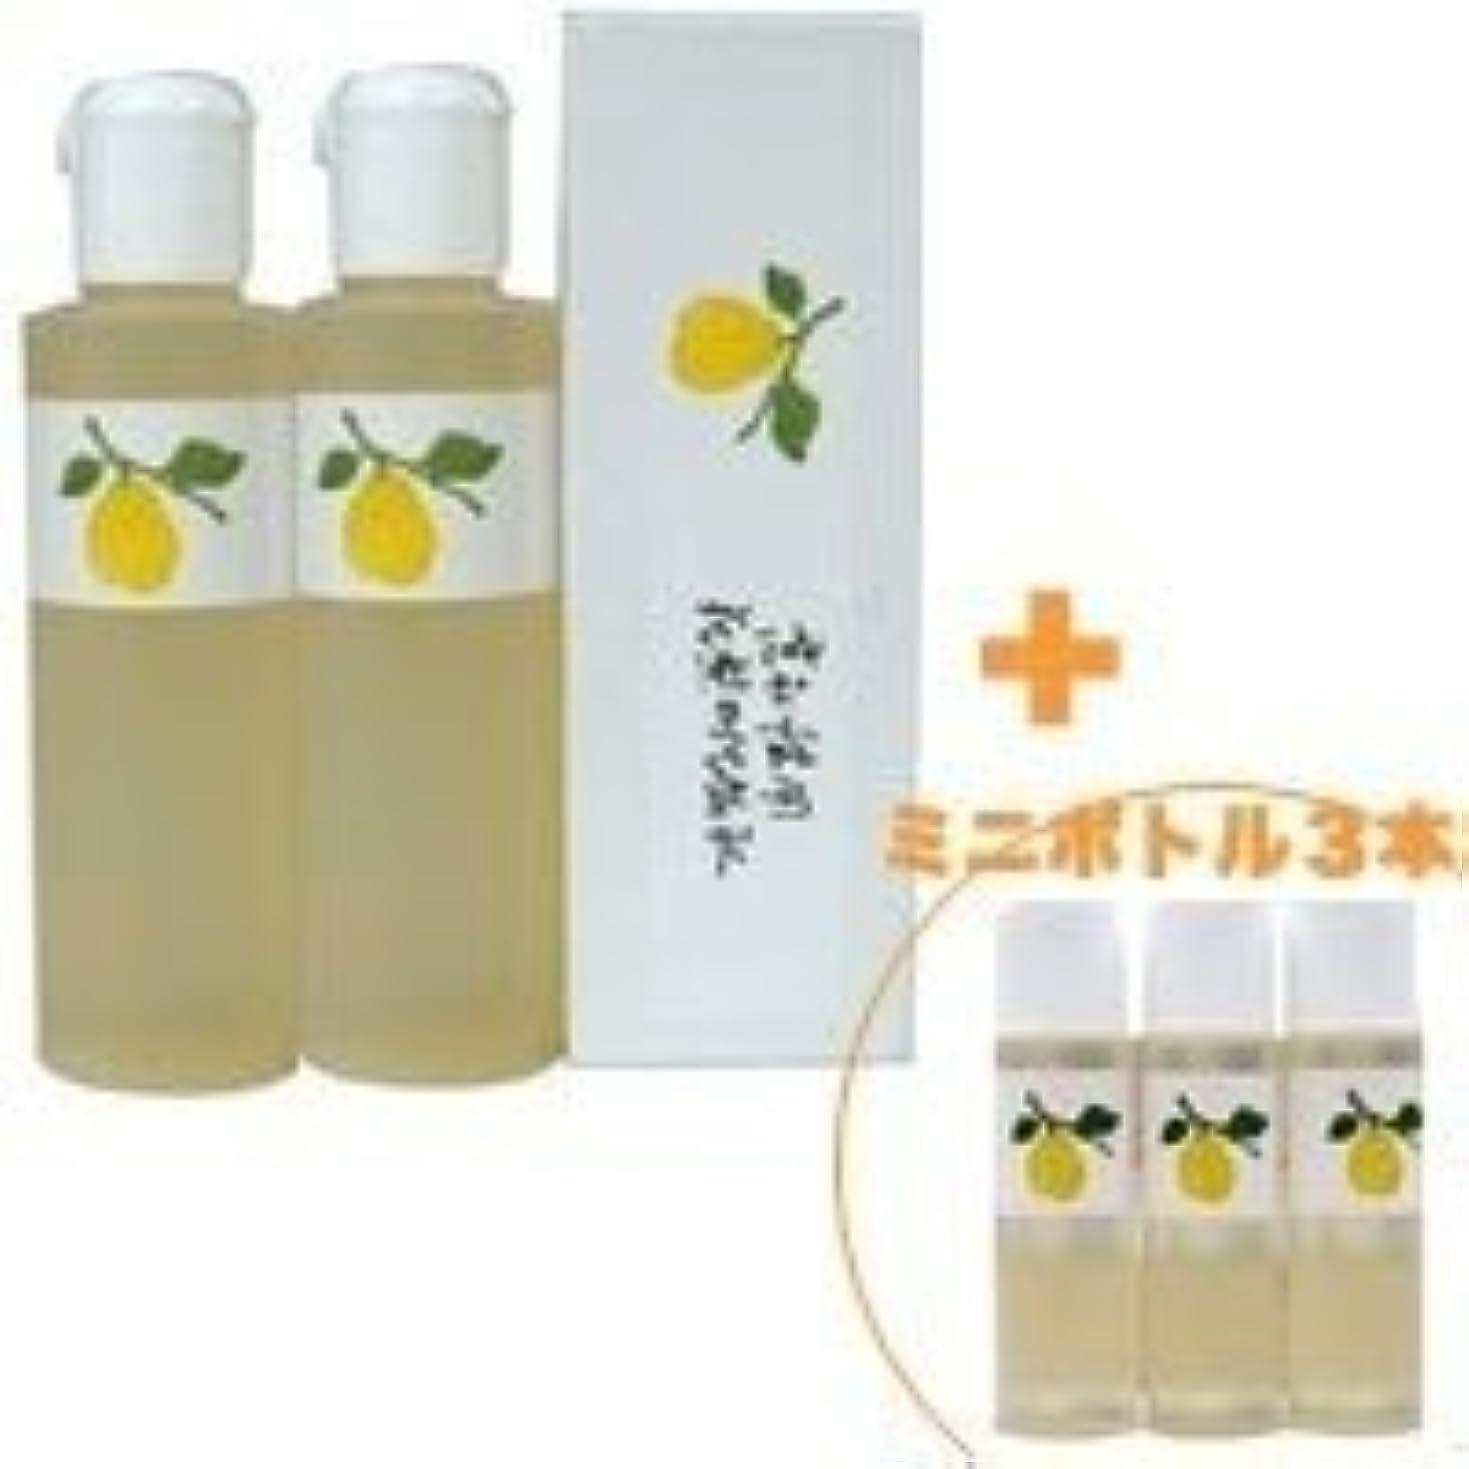 ぞっとするようなもちろんタイマー花梨の化粧水 200ml 2本&ミニボトル 3本 美容液 栄養クリームのいらないお肌へ 保湿と乾燥対策に